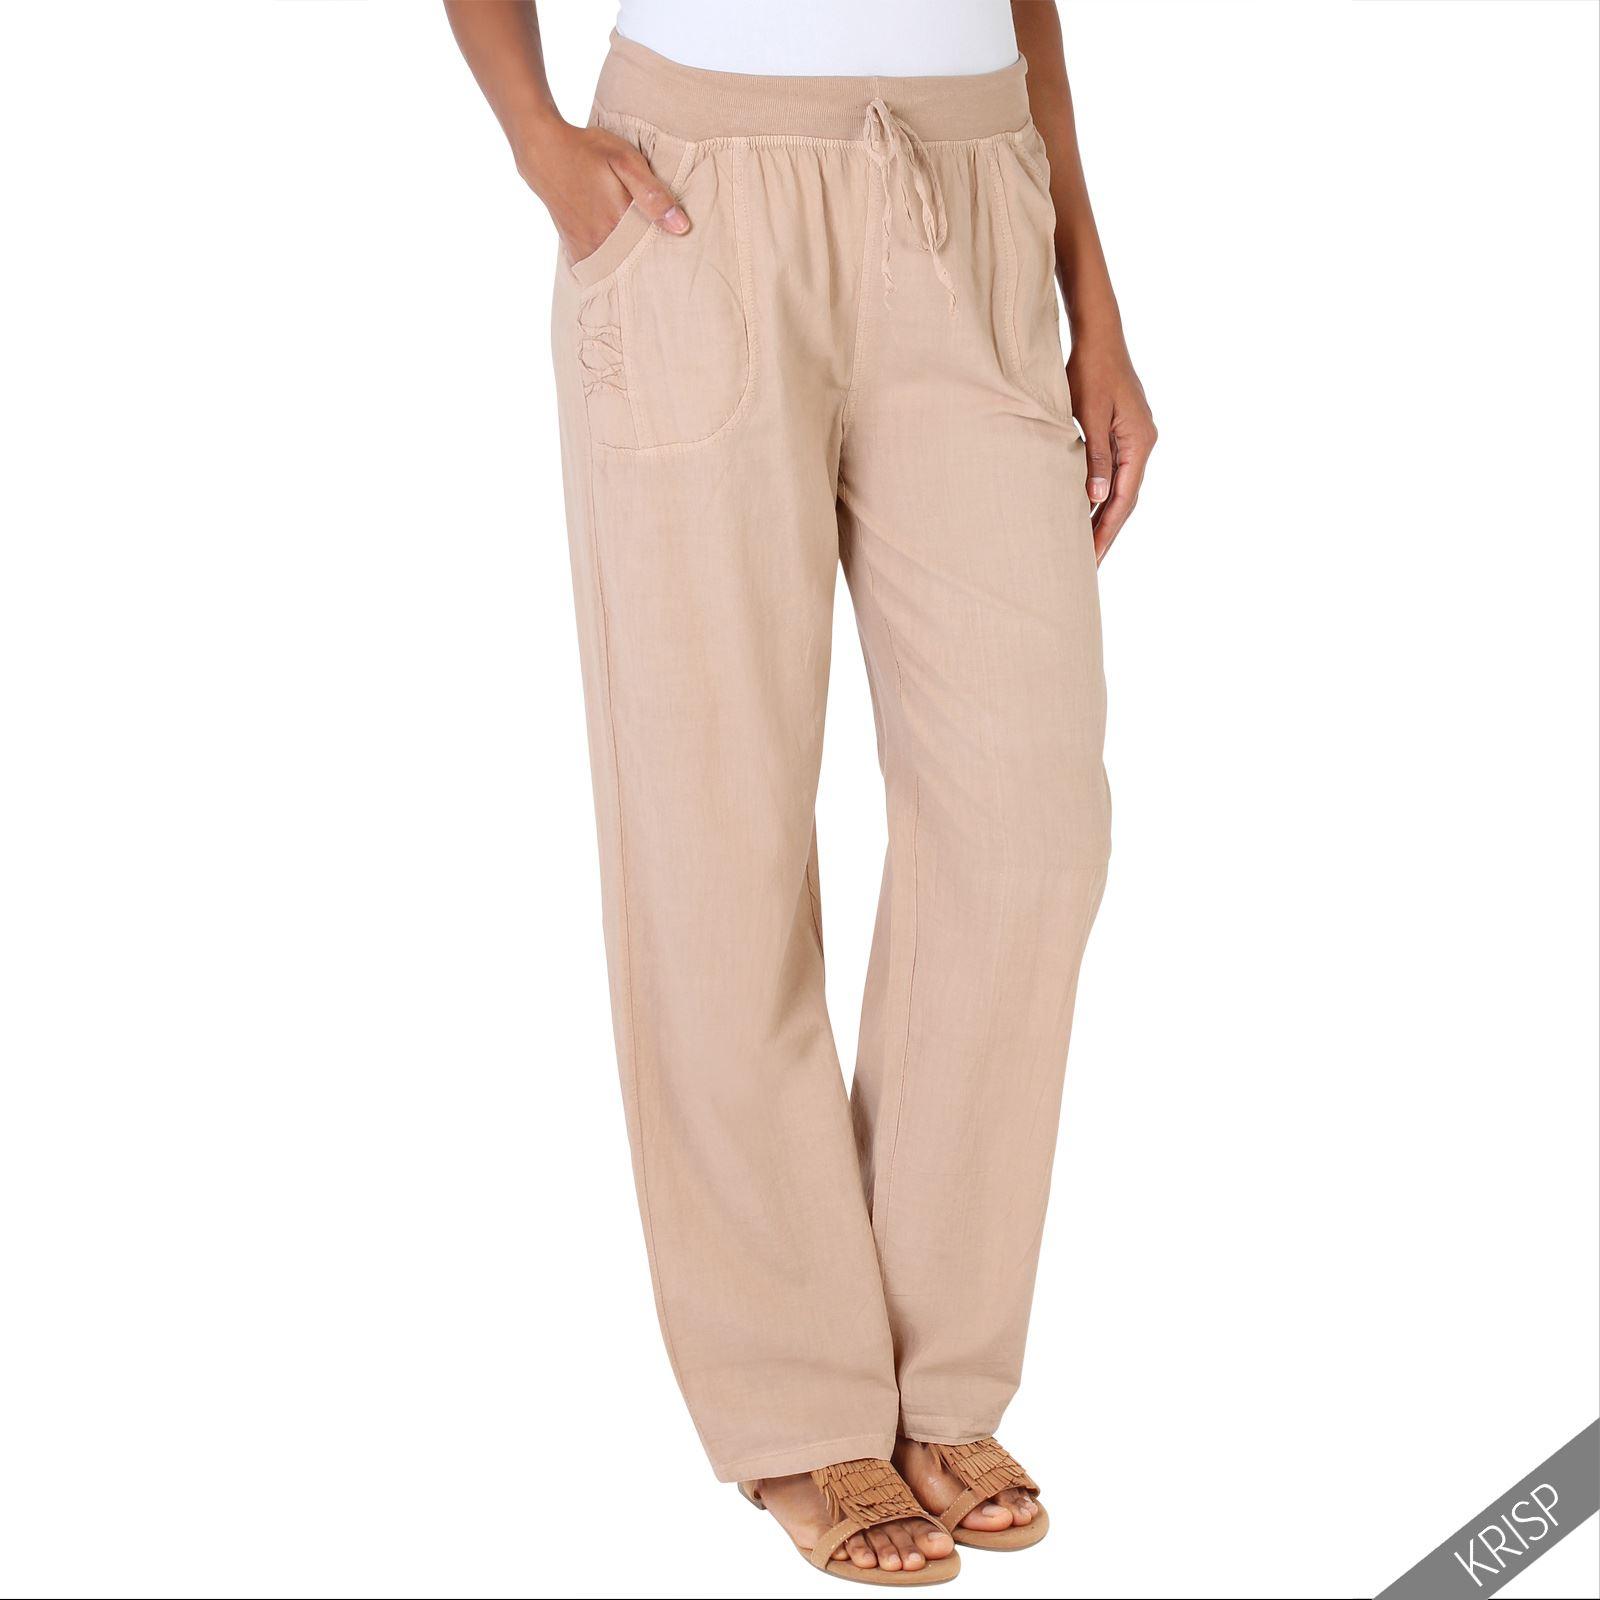 Simple Womens Cotton Cargo Pants  Fantastic Brown Womens Cotton Cargo Pants Inspiration U2013 Playzoa.com